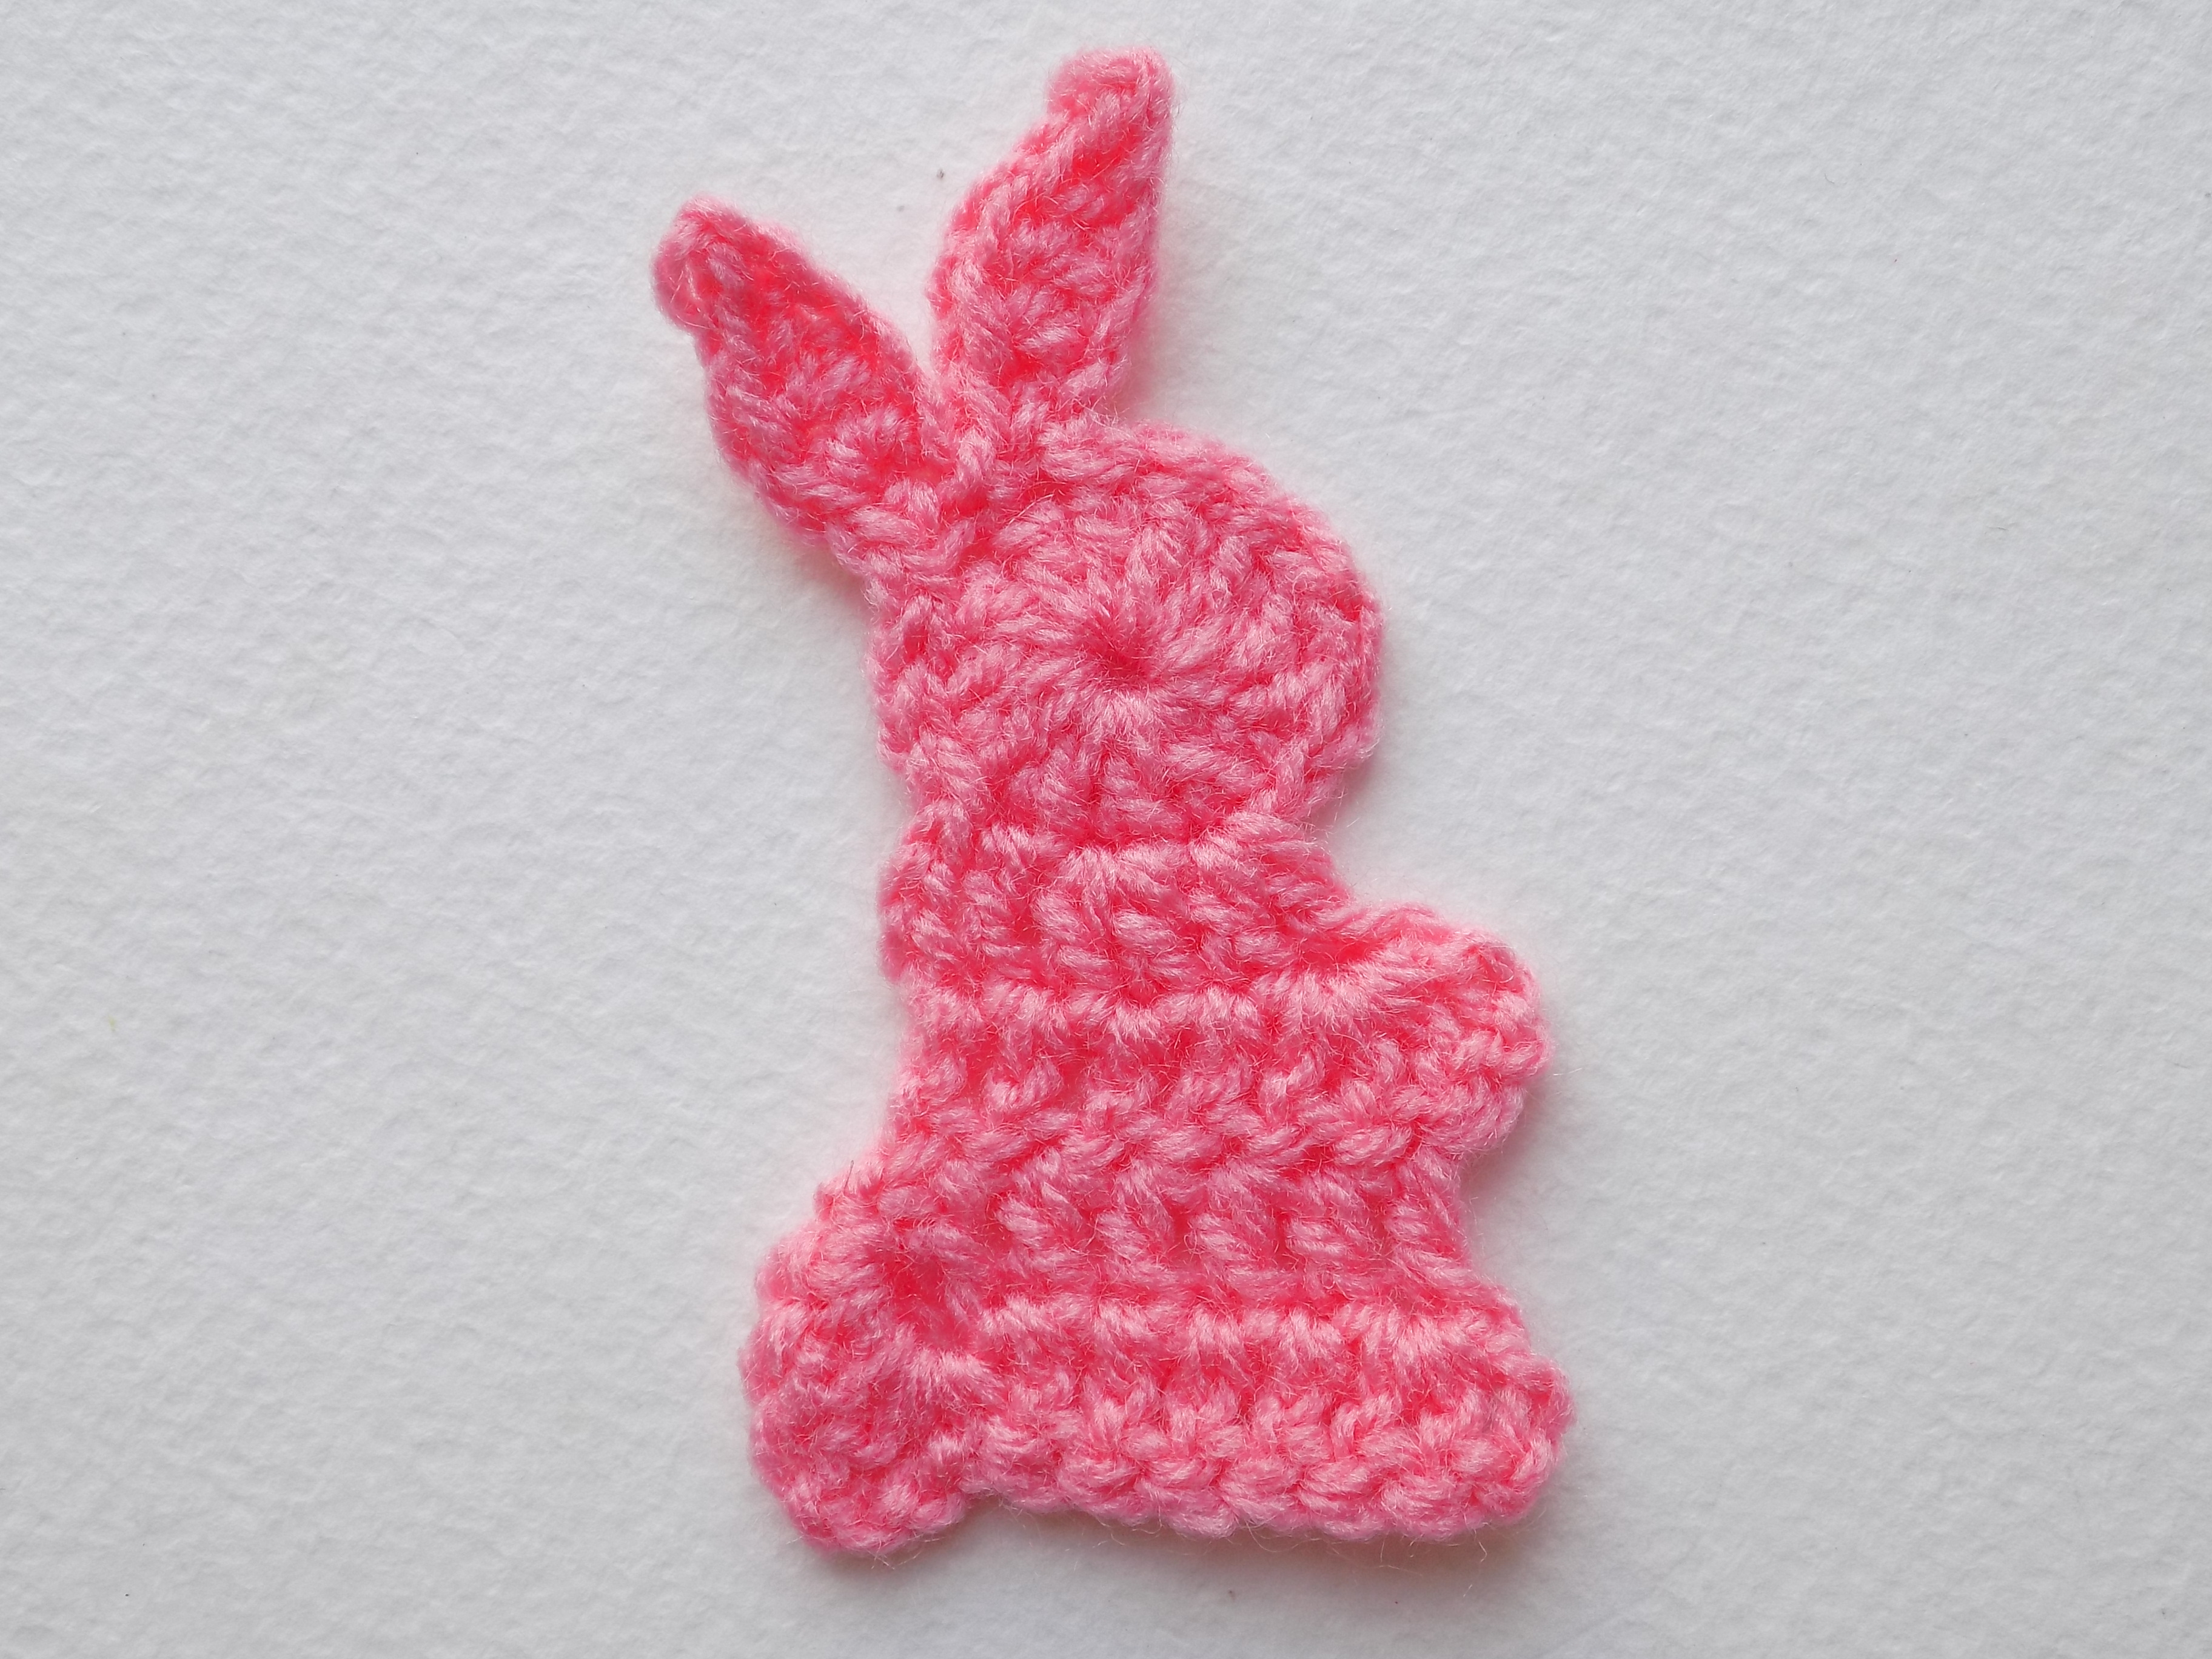 аппликация в виде кролика